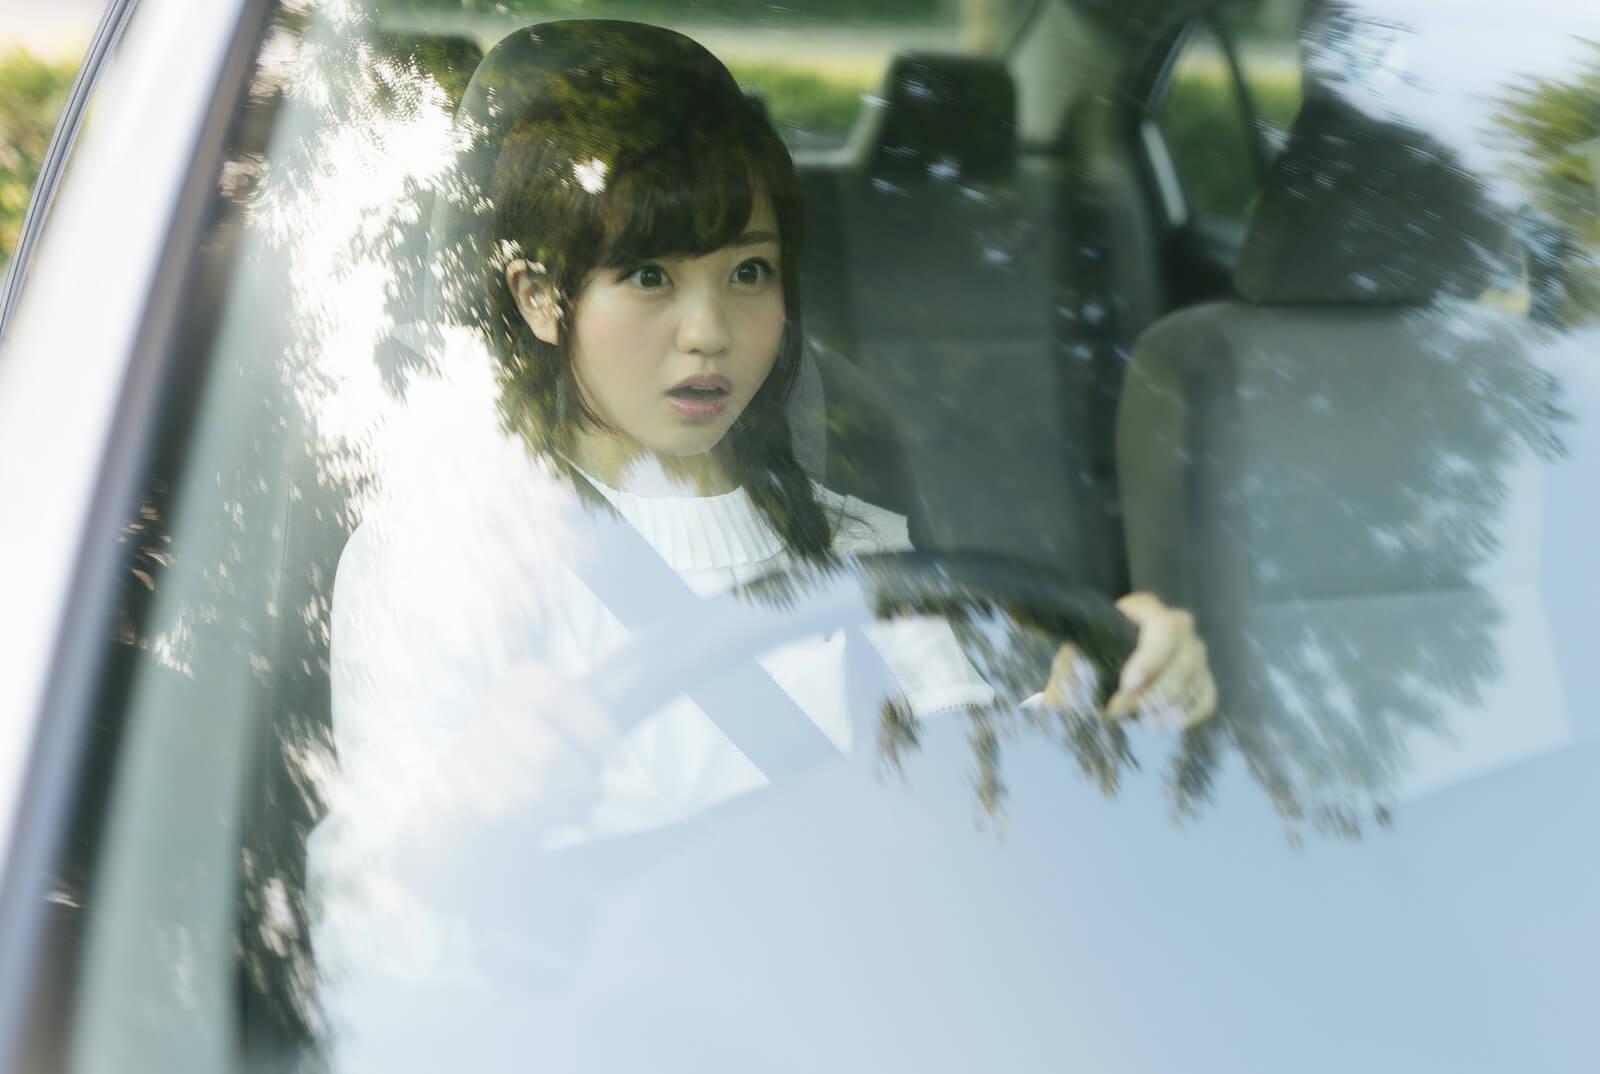 【危険】長野県松本市では右折車優先の松本走りが当たり前!?